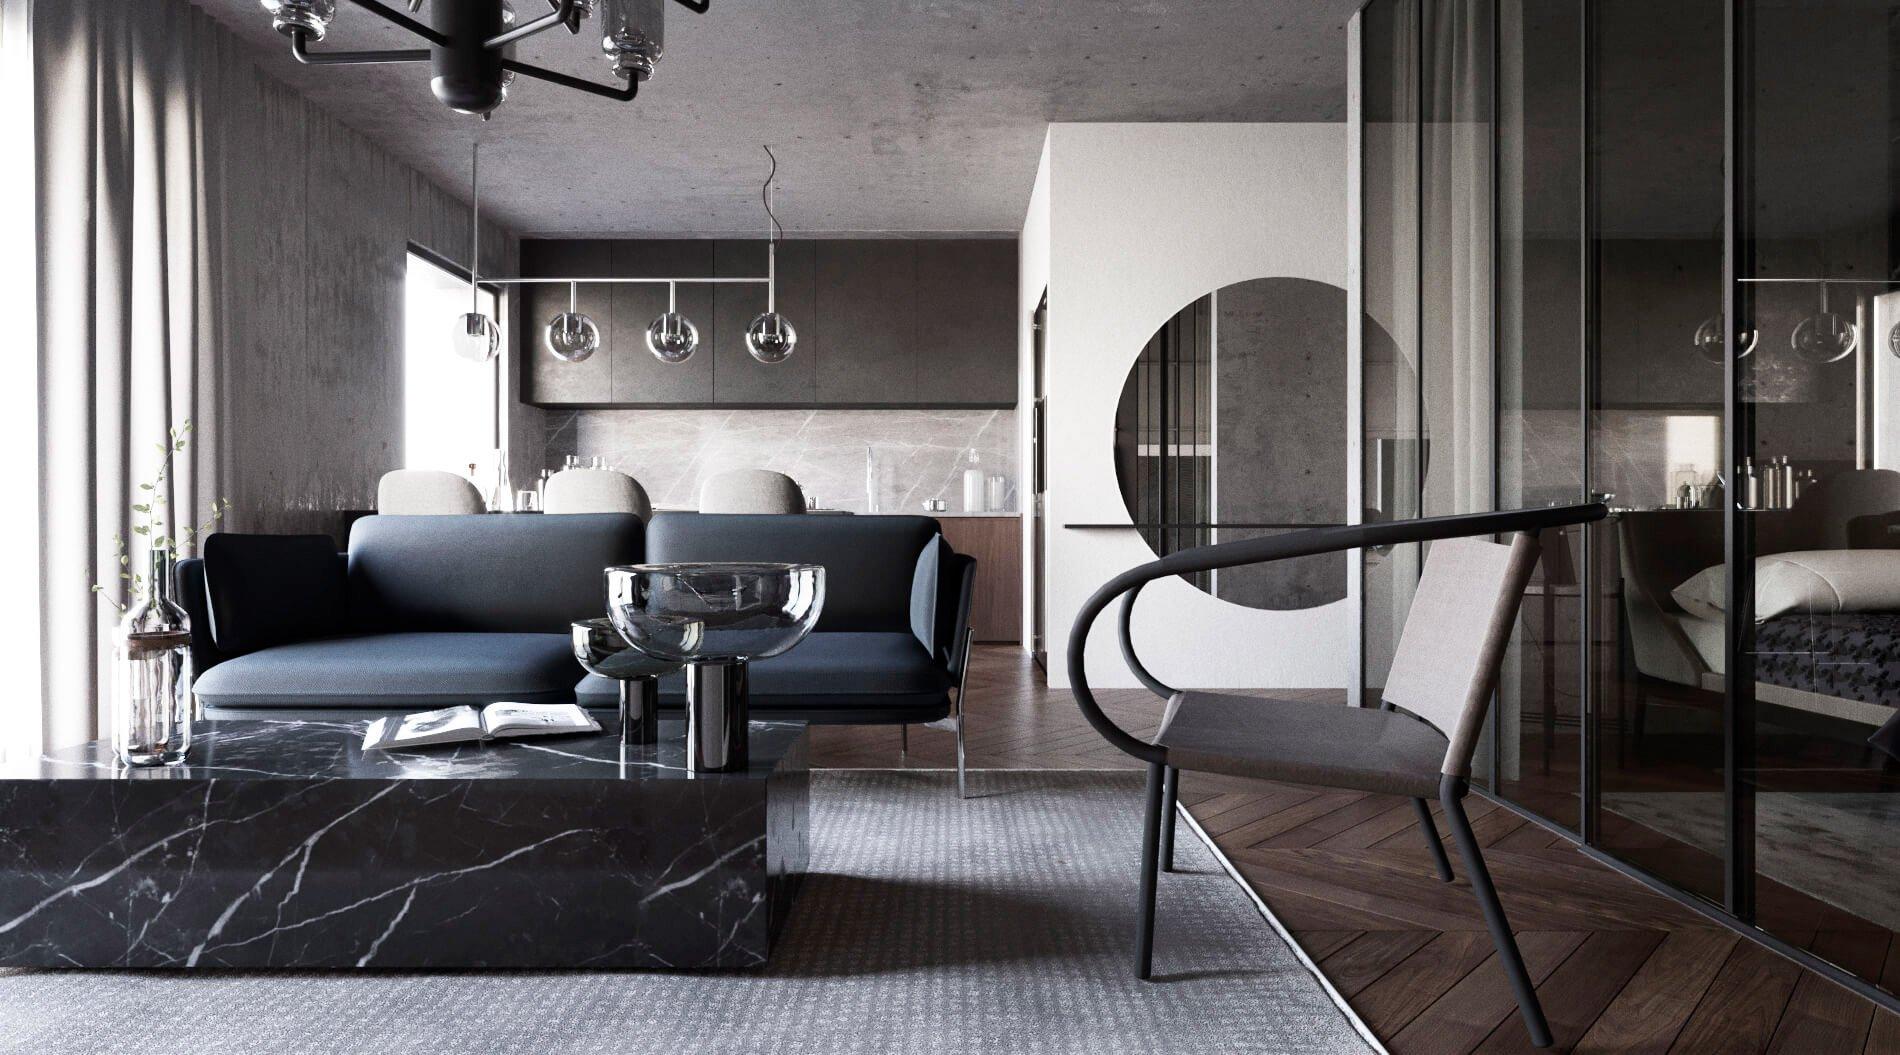 Разработка дизайна интерьера квартиры под ключ